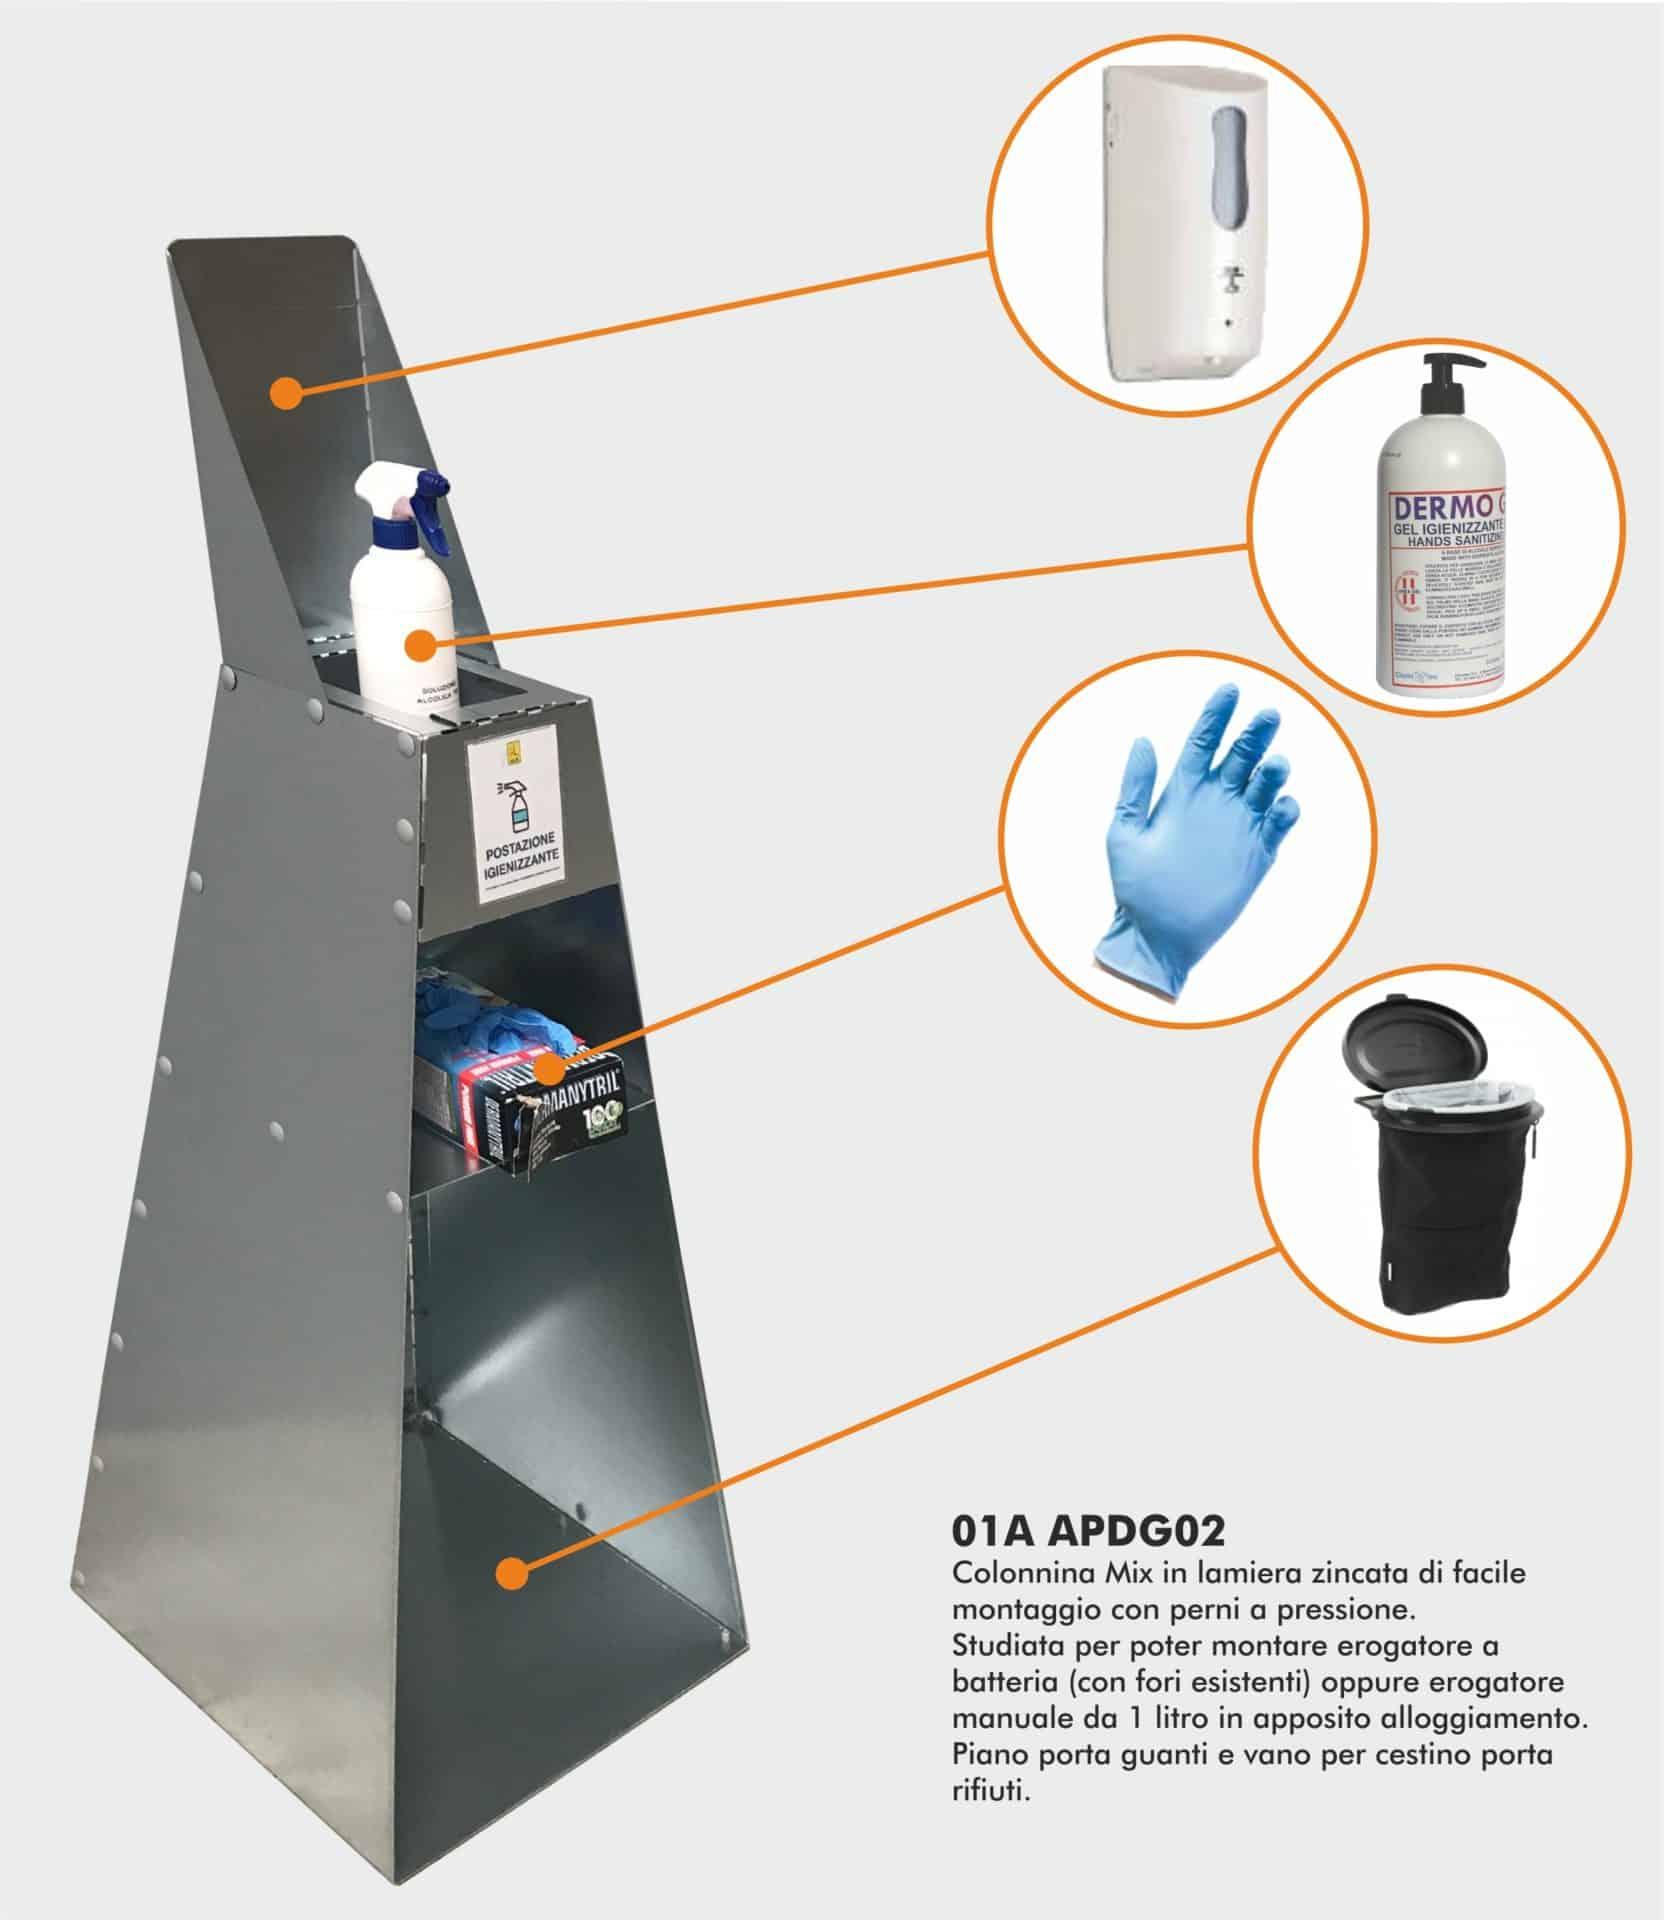 Covid-19 dispositivi di protezione | Elettrogruppo ZeroUno | Torino | colonnina porta dispenser lamiera mix